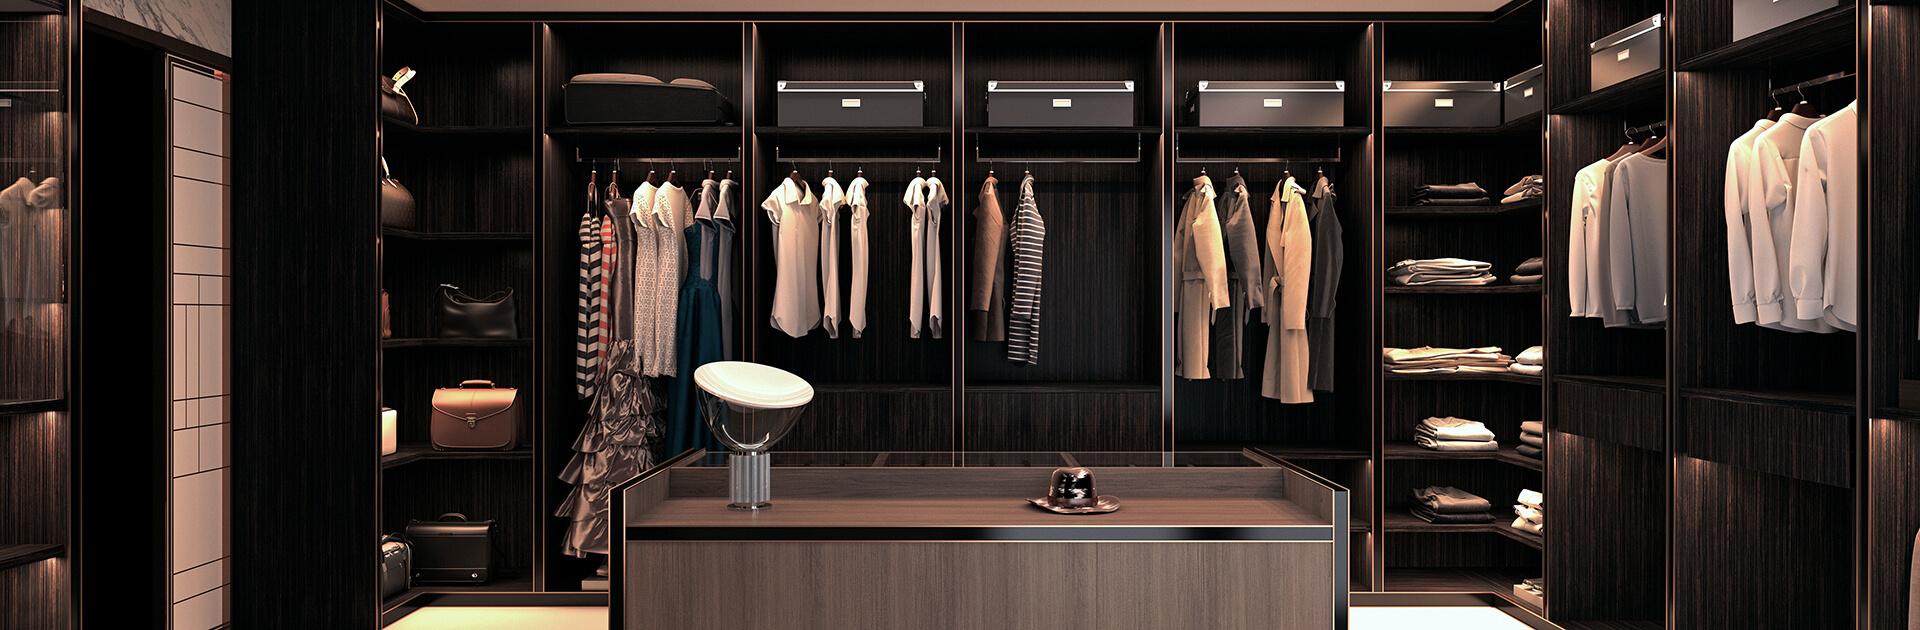 Elegancka garderoba w ciemnych kolorach drewna